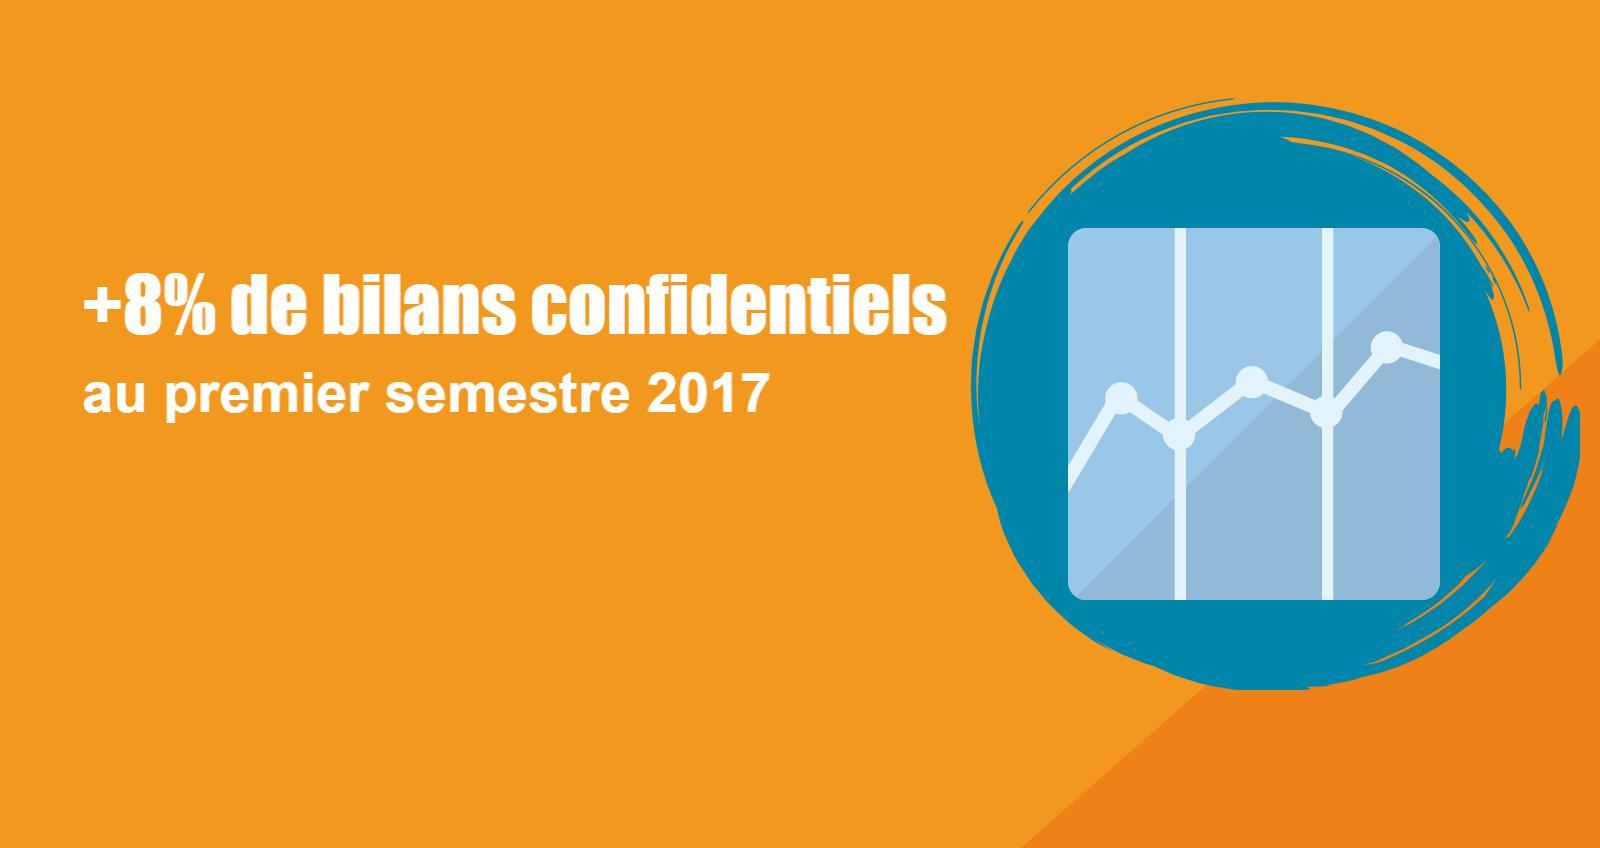 +8 pour cent de bilans confidentiels au premier semestre 2017